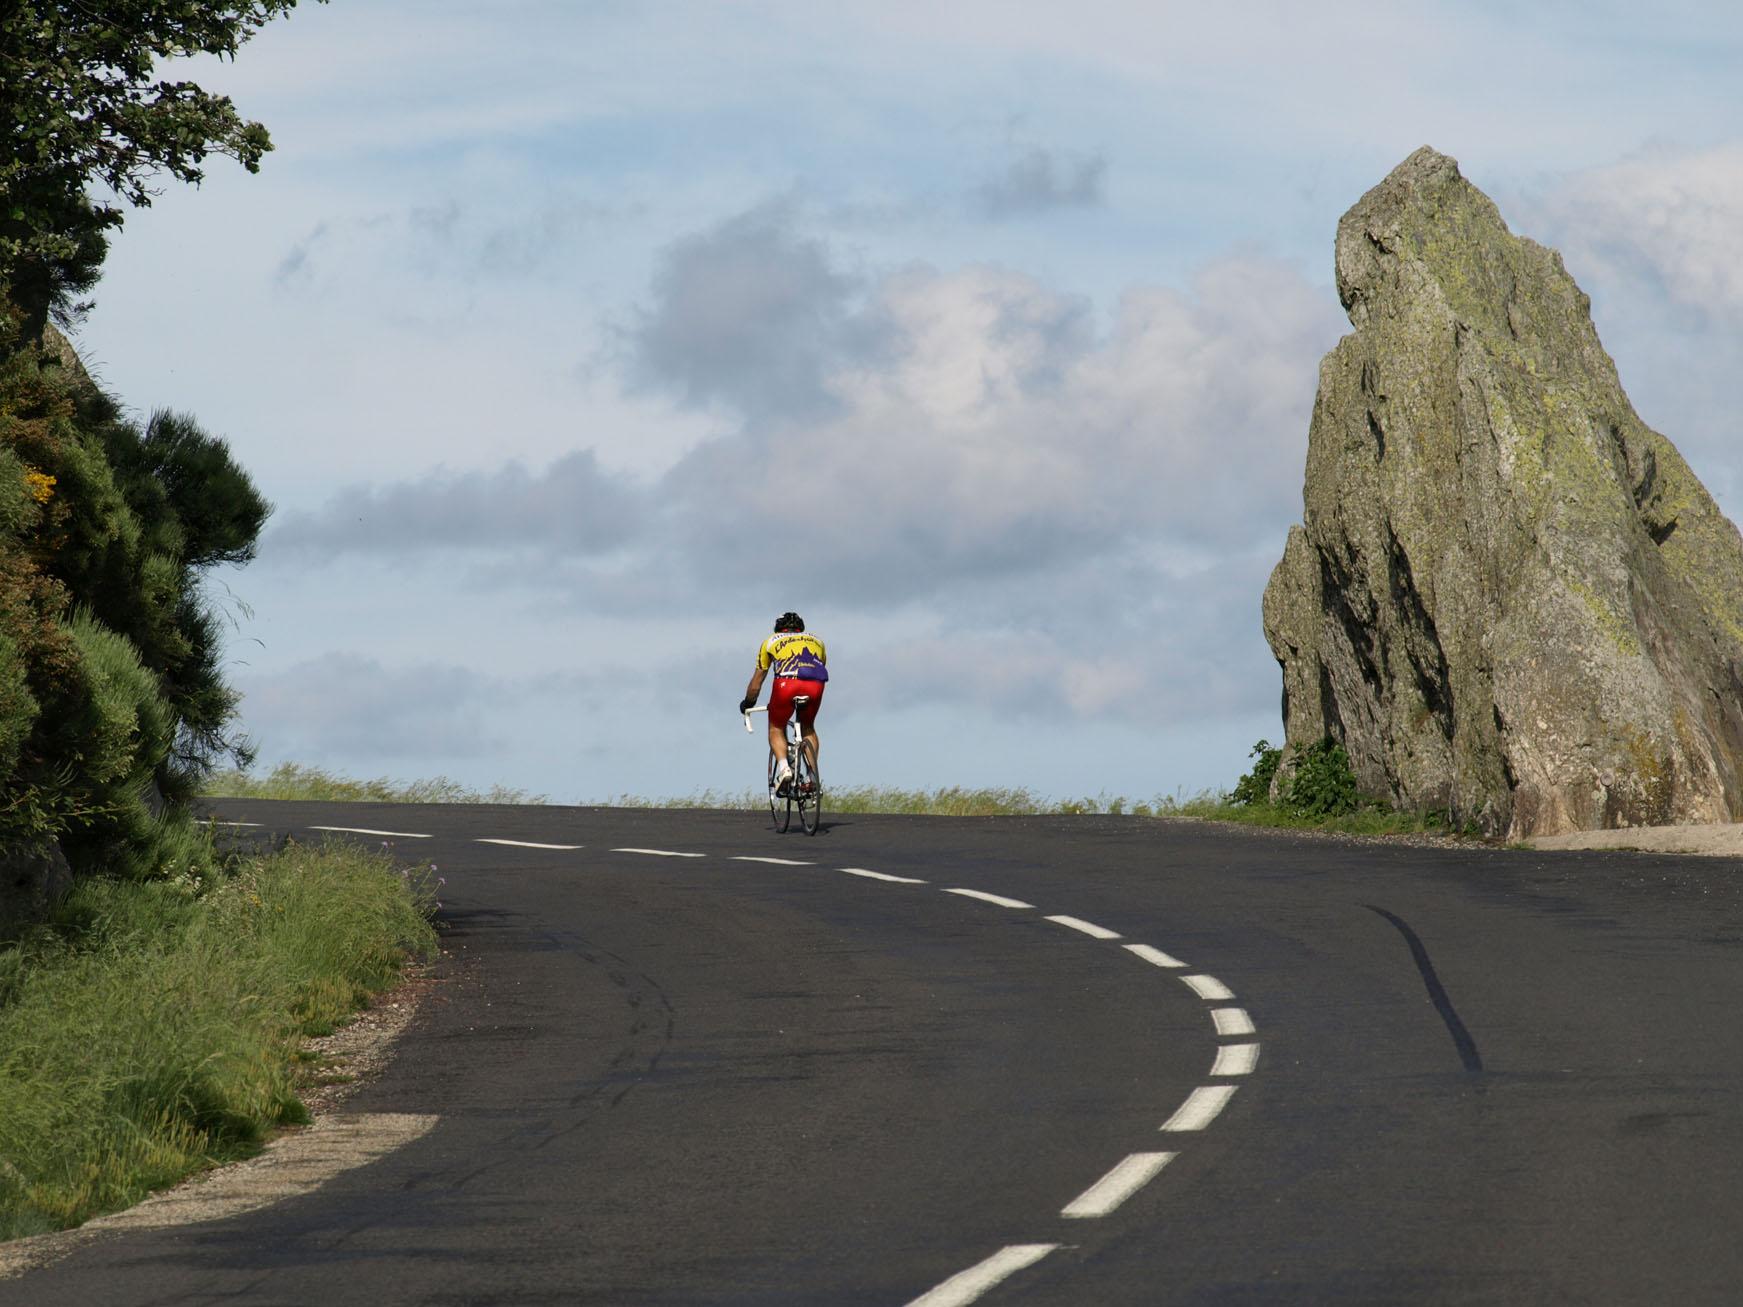 Route qui monte et qui descend 28 images andahuaylas for Bureau qui monte et descend